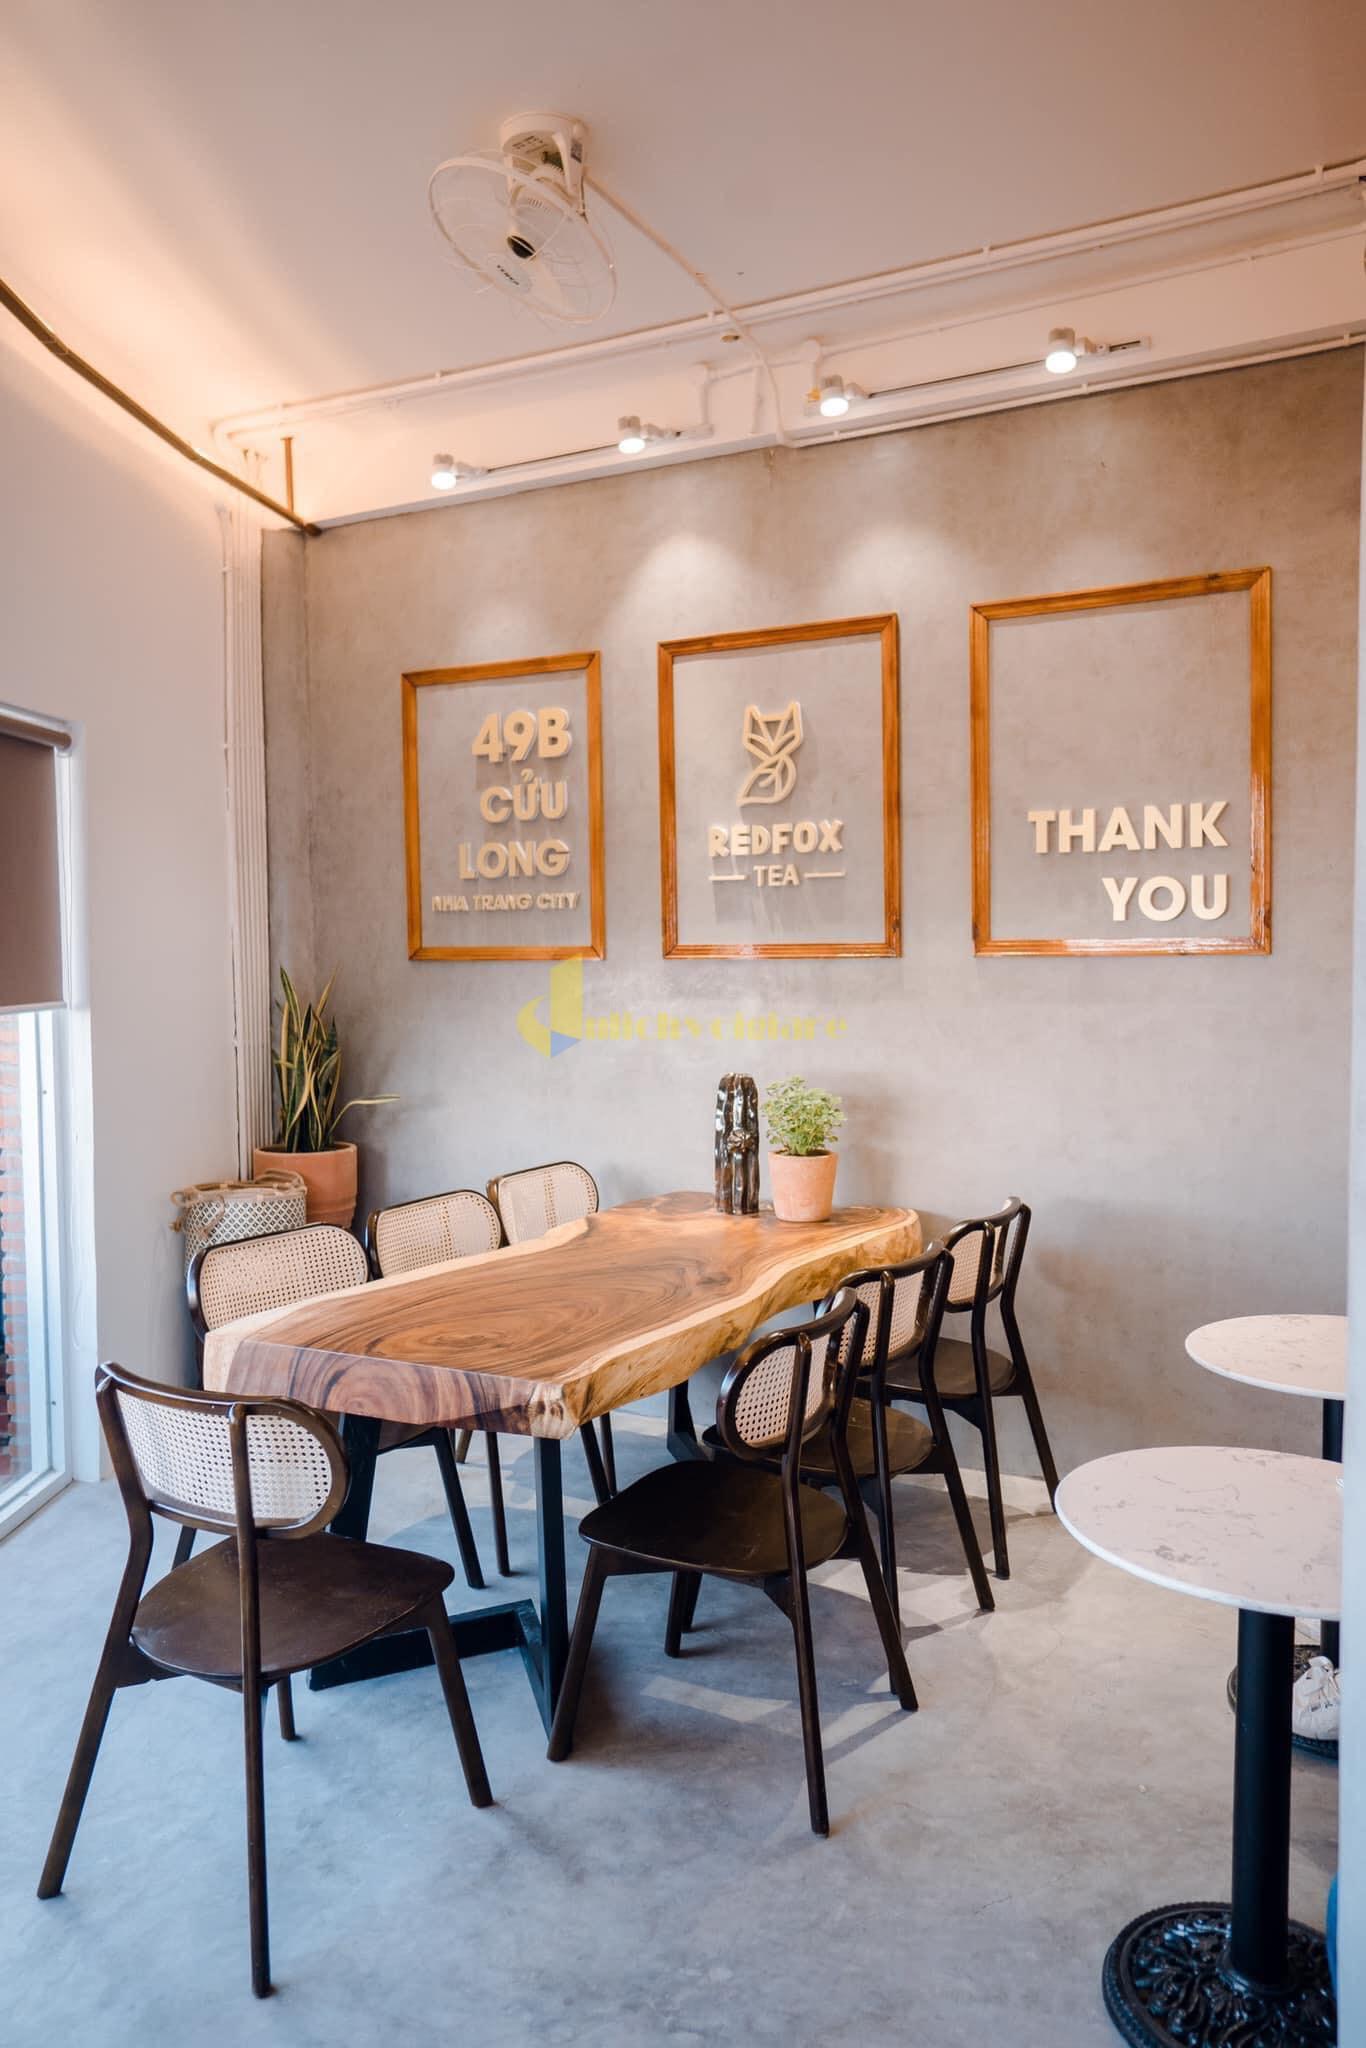 redfox-2 Top 10 Quán Cafe Nha Trang Đẹp Lung Linh